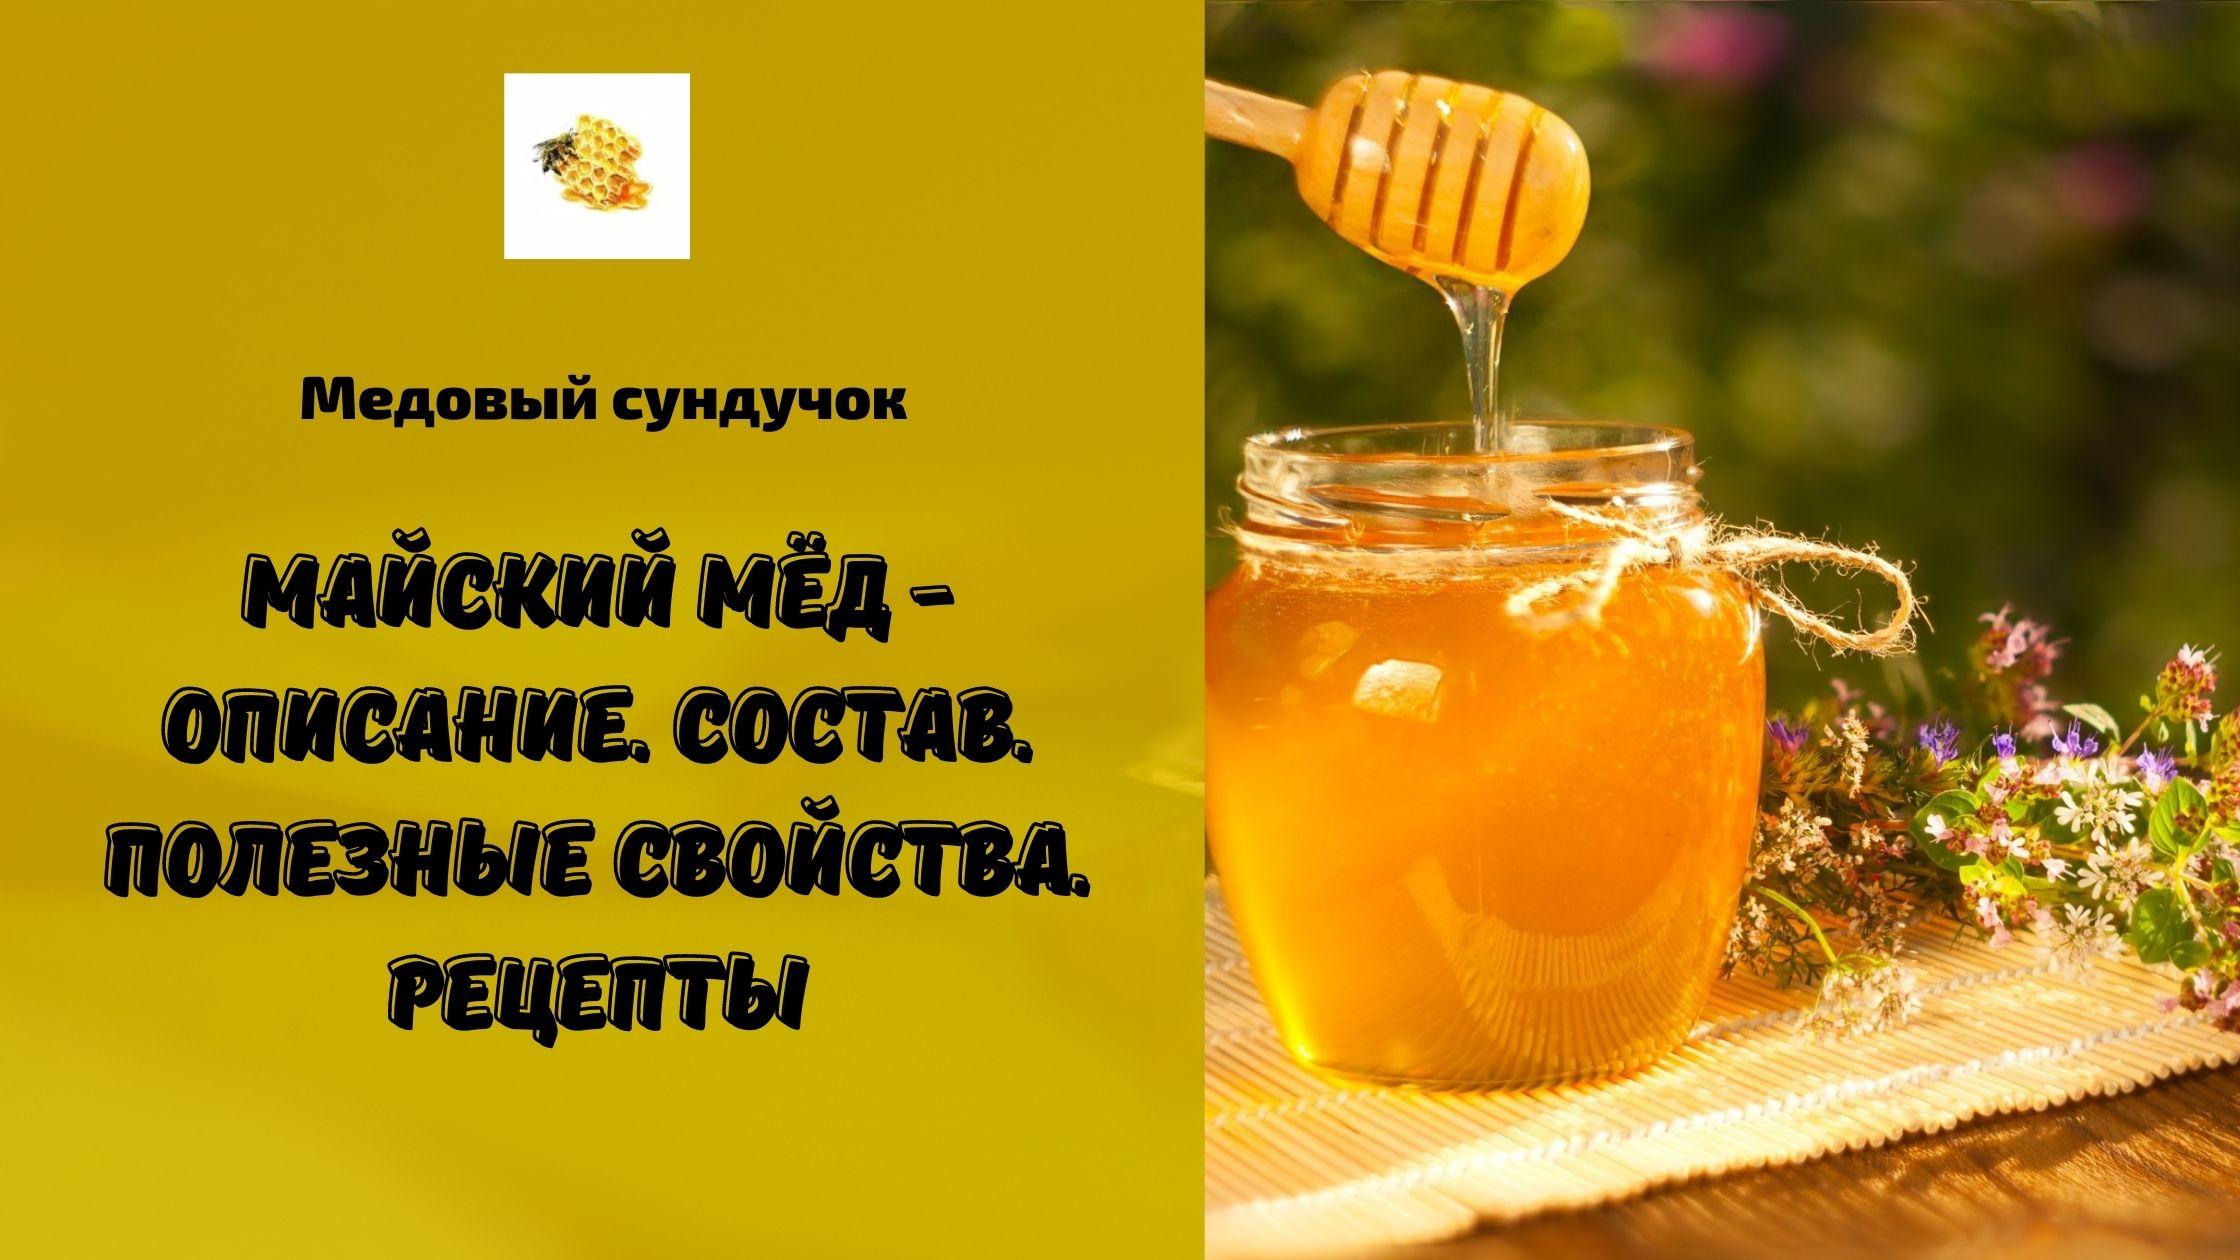 Майский мёд - Описание. Состав. Полезные свойства. Рецепты